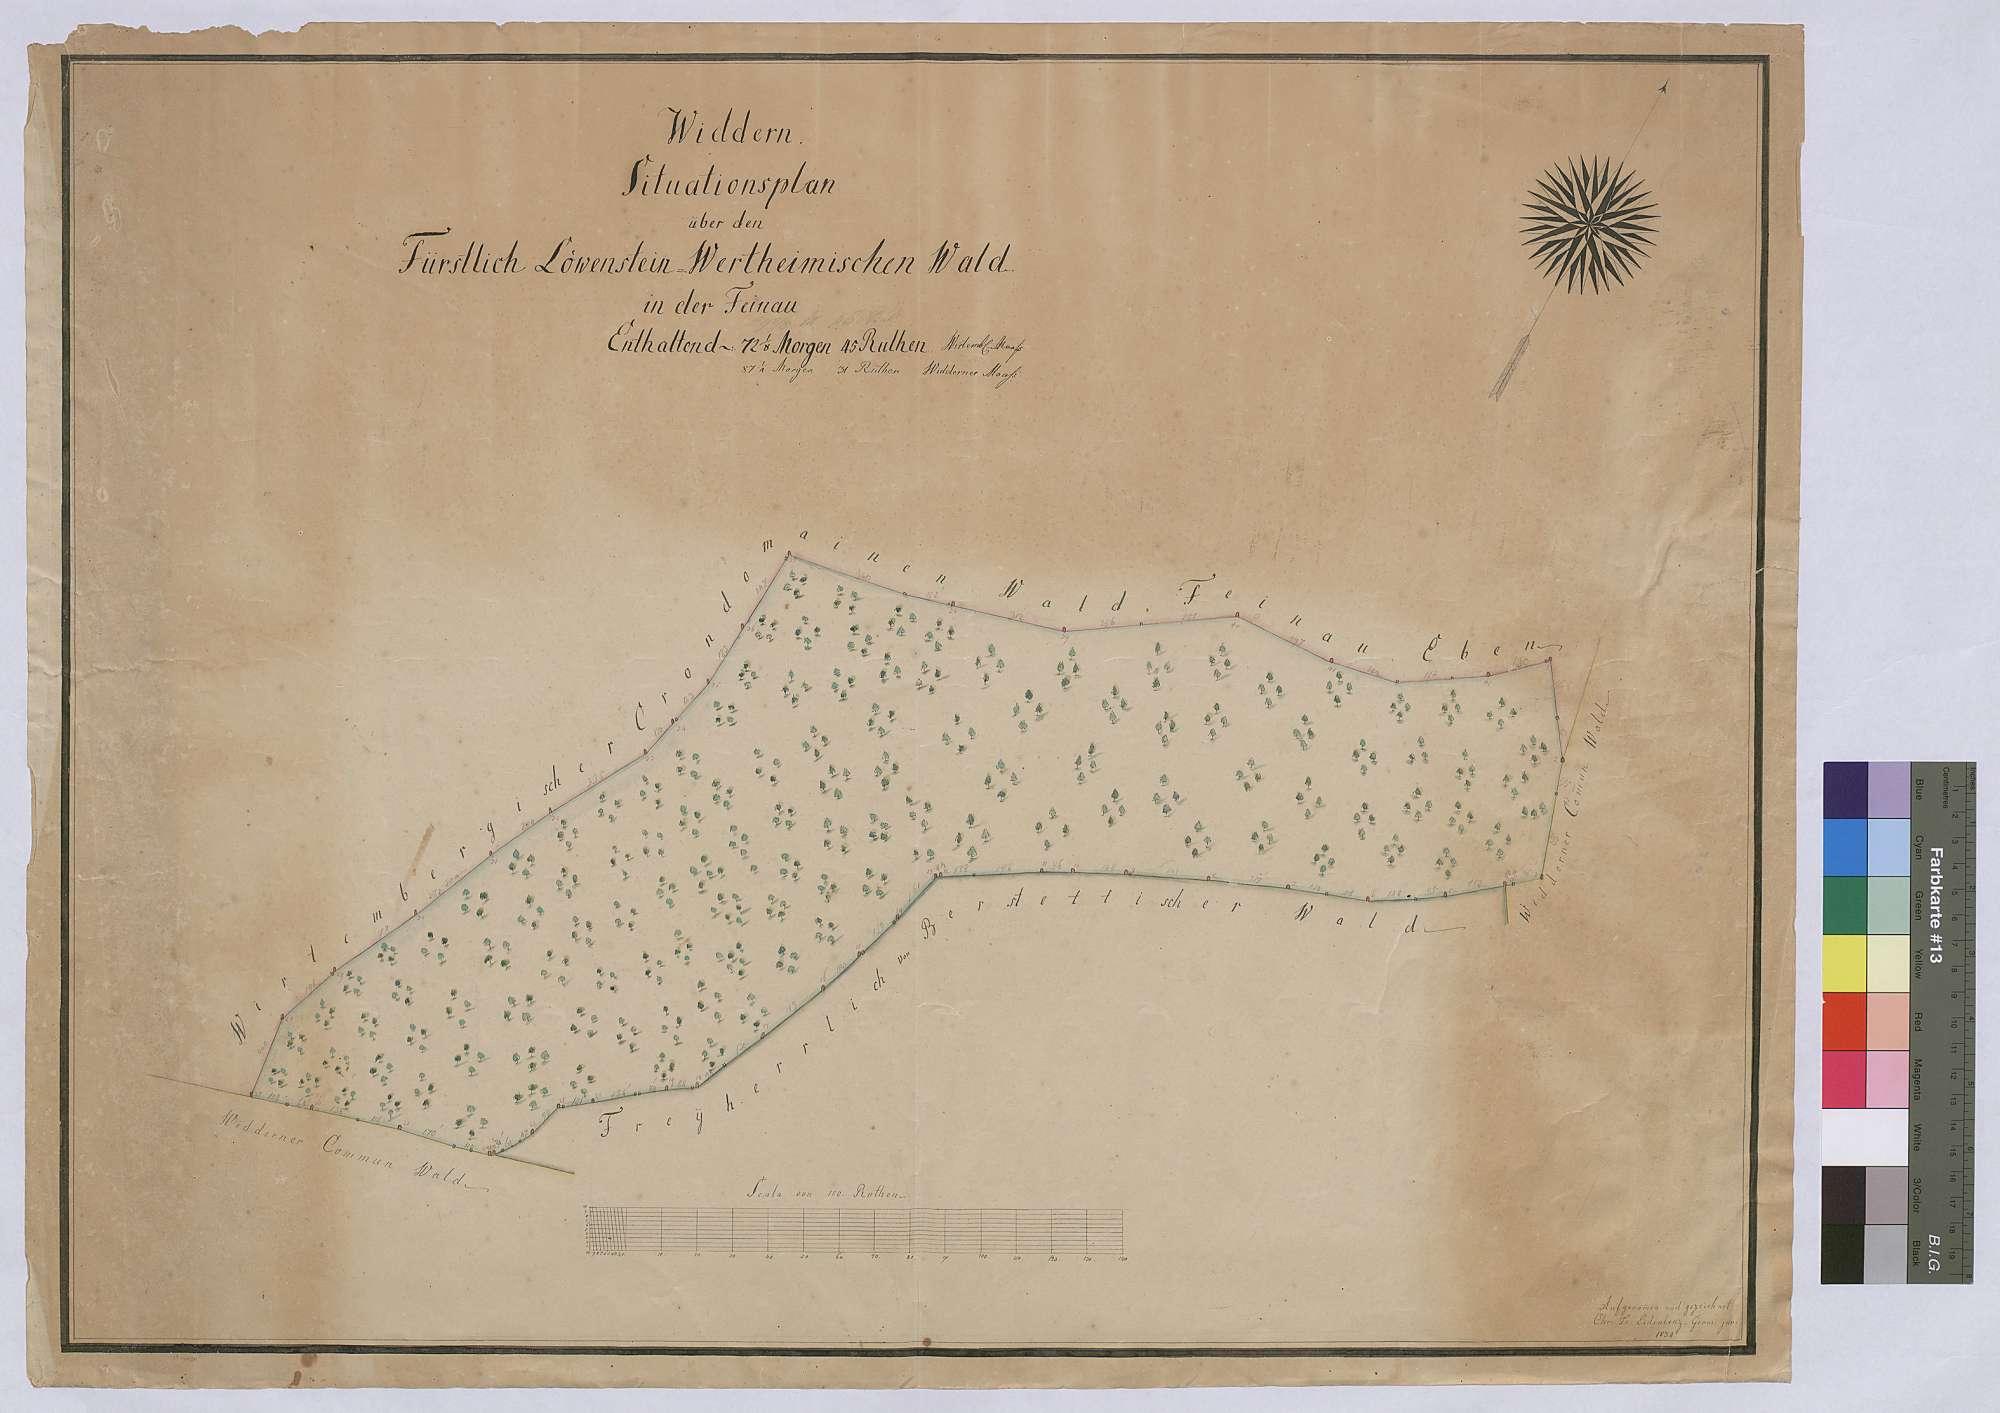 Widdern: Situationsplan über den löwenstein-wertheimischen Wald in der Feinau (Inselkarte), Bild 1